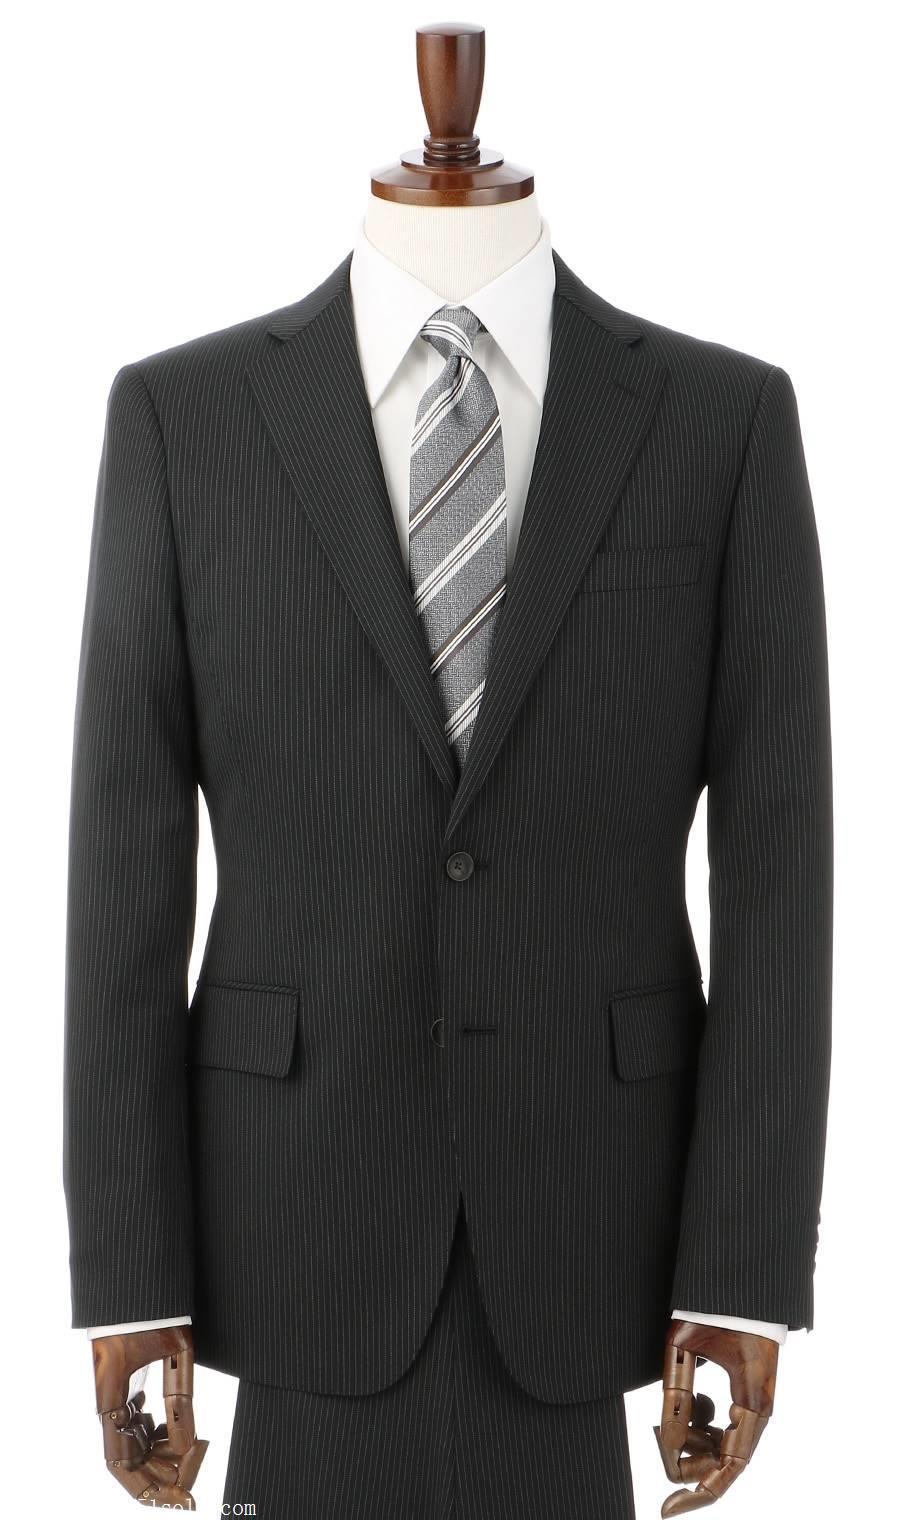 花都区男西装定制,新华订做职业男西装,专业量身定做西装